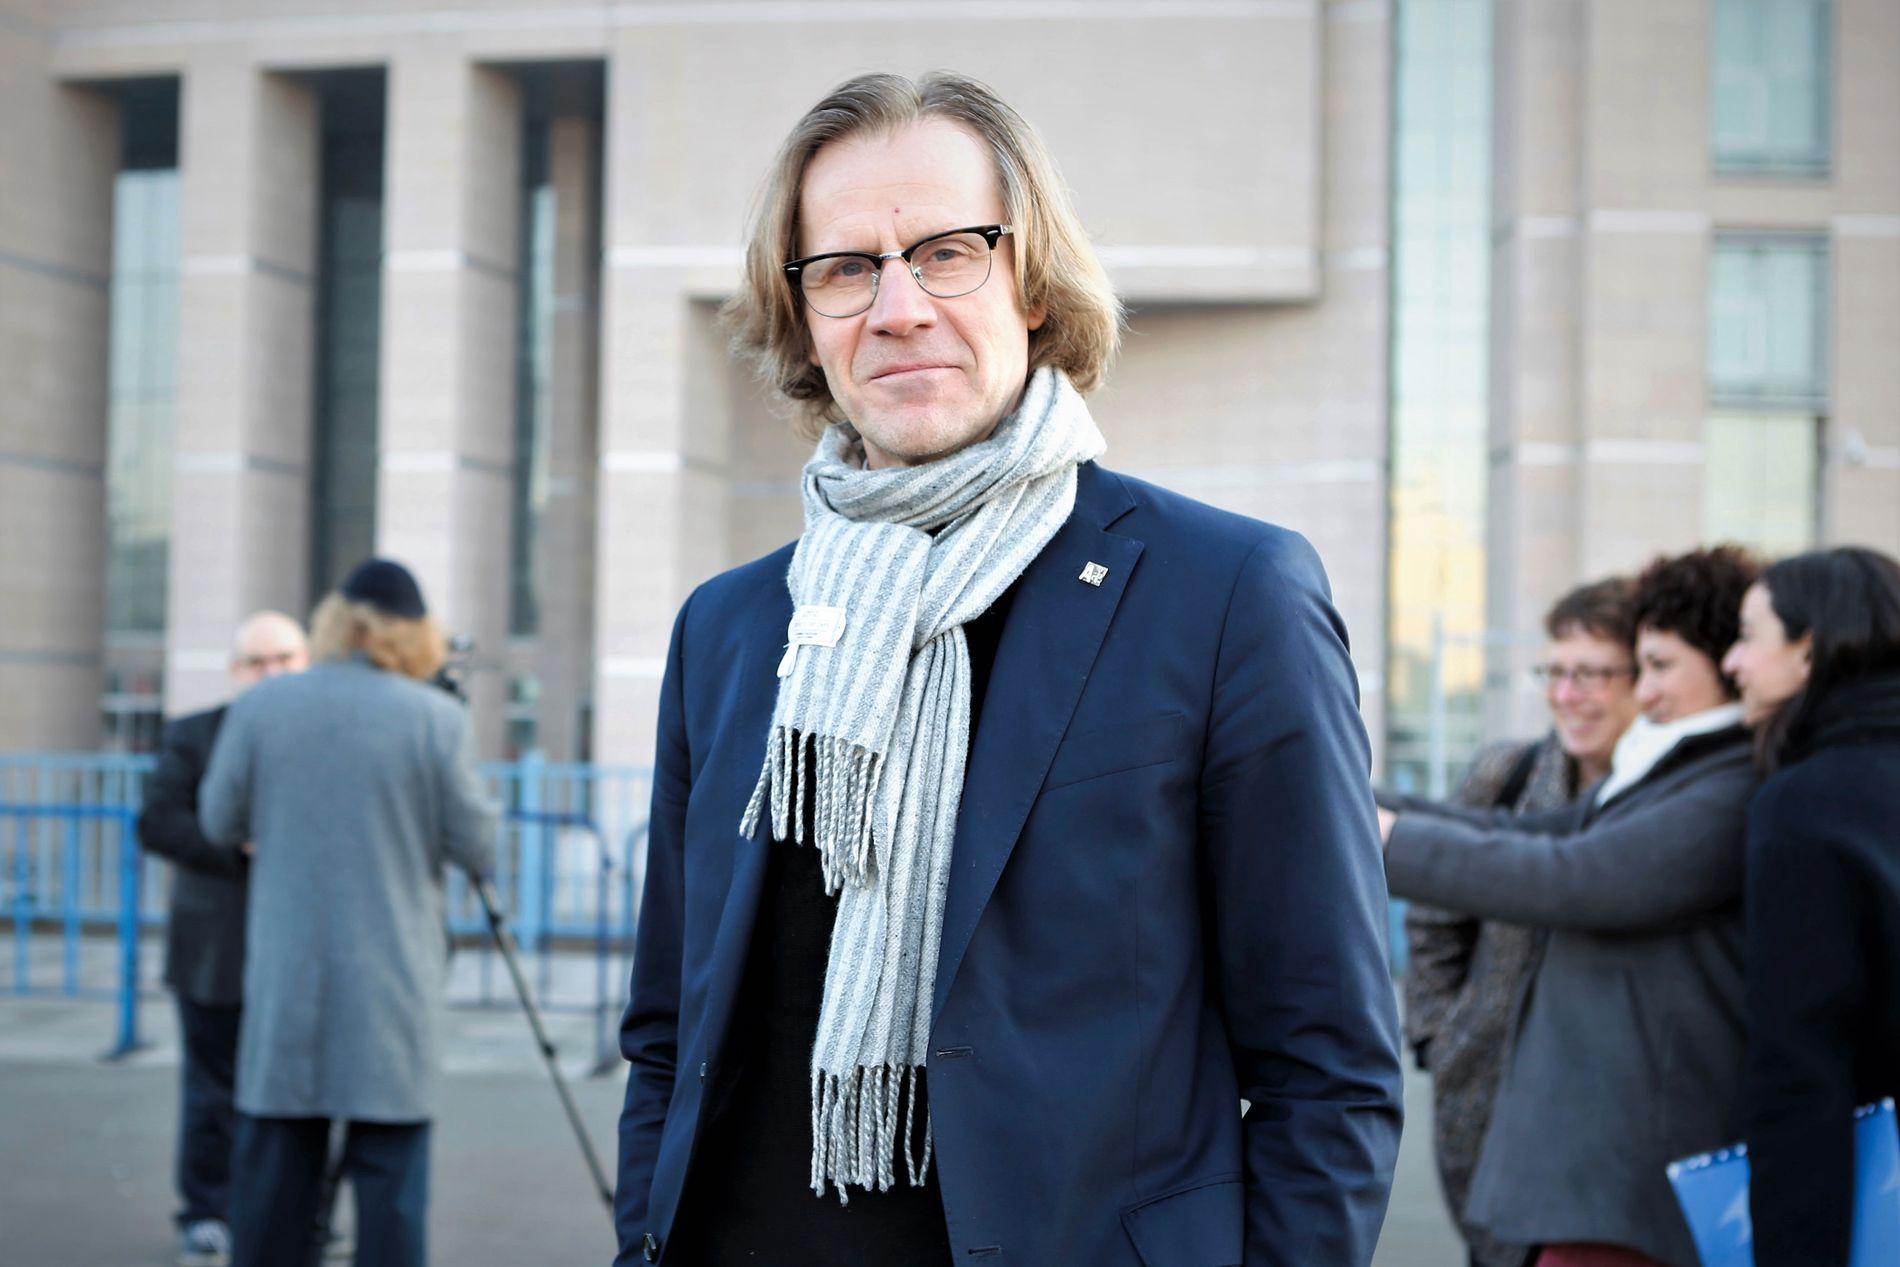 KRITIKK: Amnesty Norge retter kritikk mot influensere som reklamerer for Dubai som reisemål.